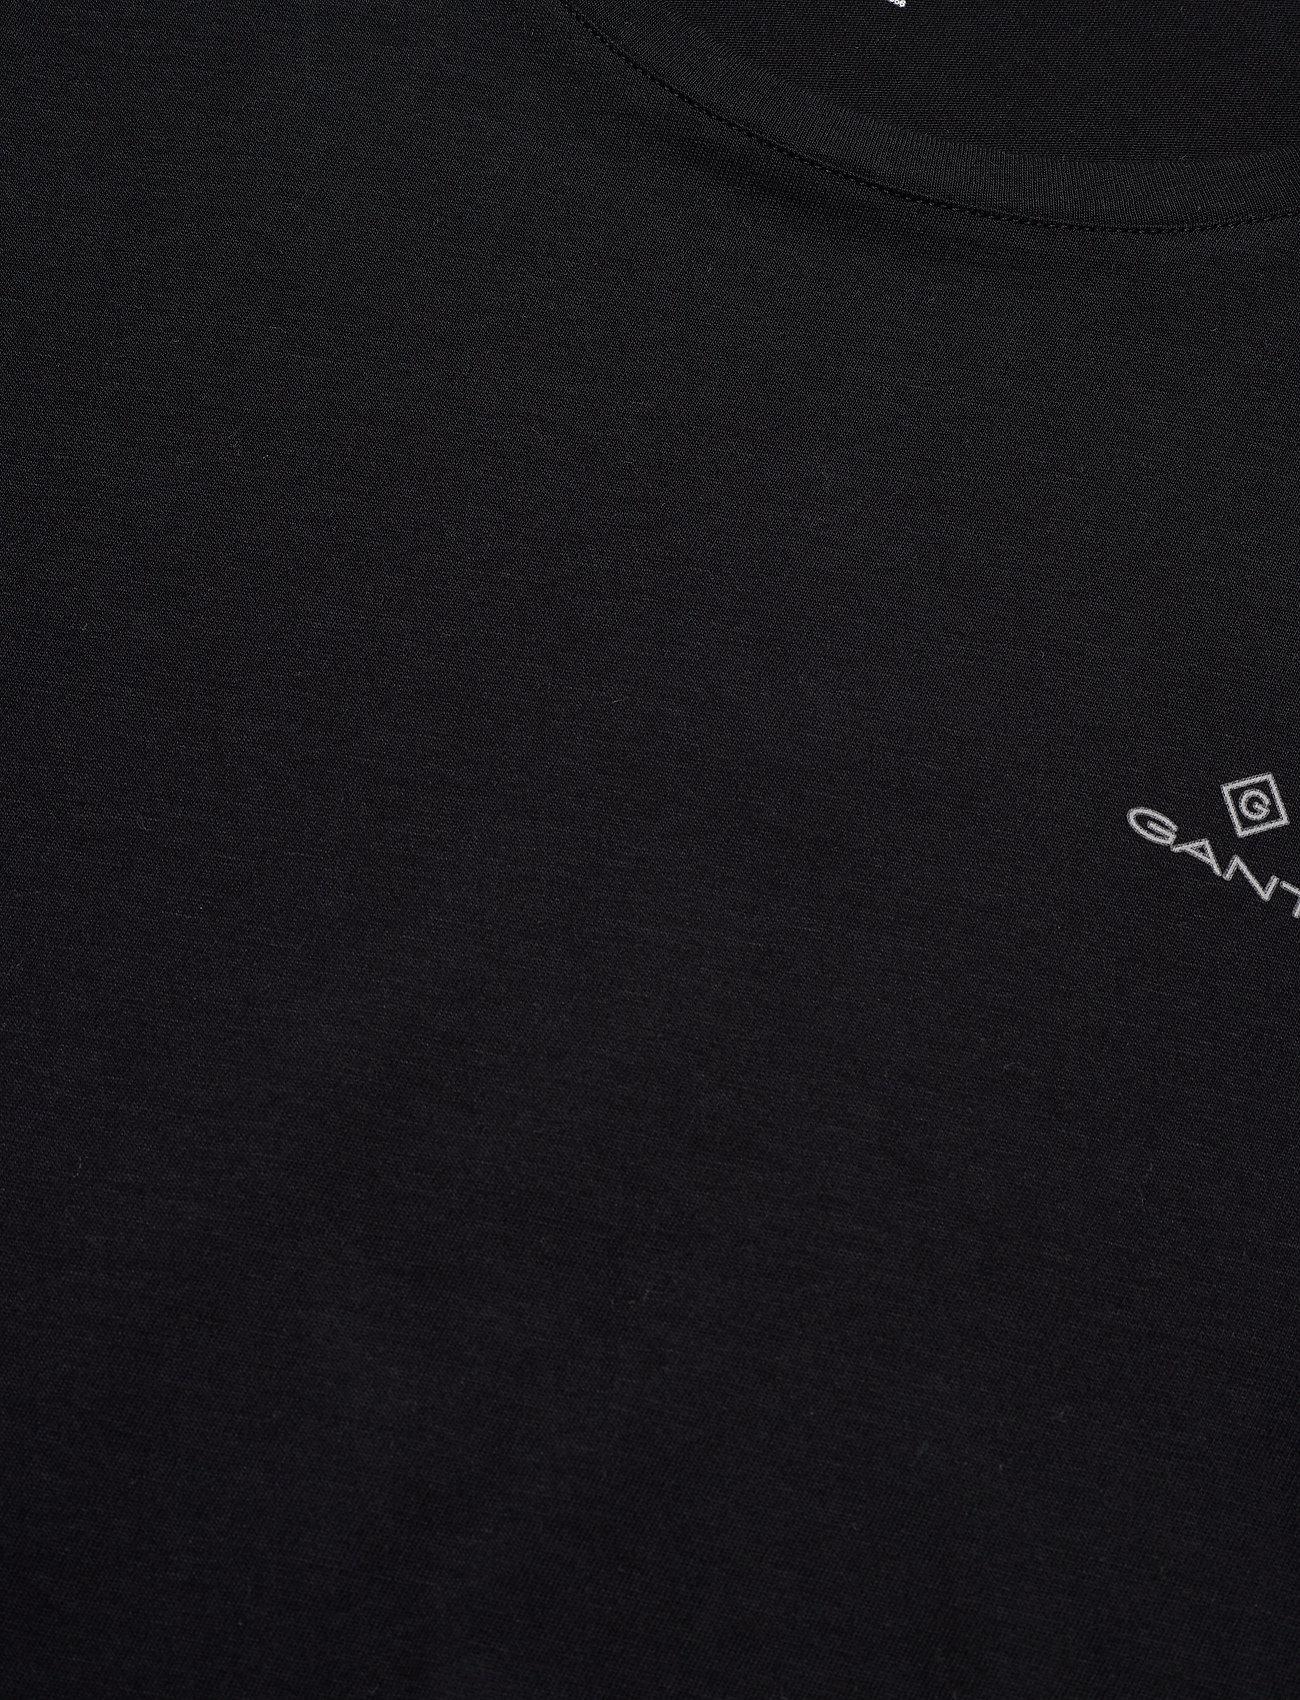 GANT BASIC 2-PACK CREW NECK T-SHIRT - T-skjorter BLACK / WHITE - Menn Klær